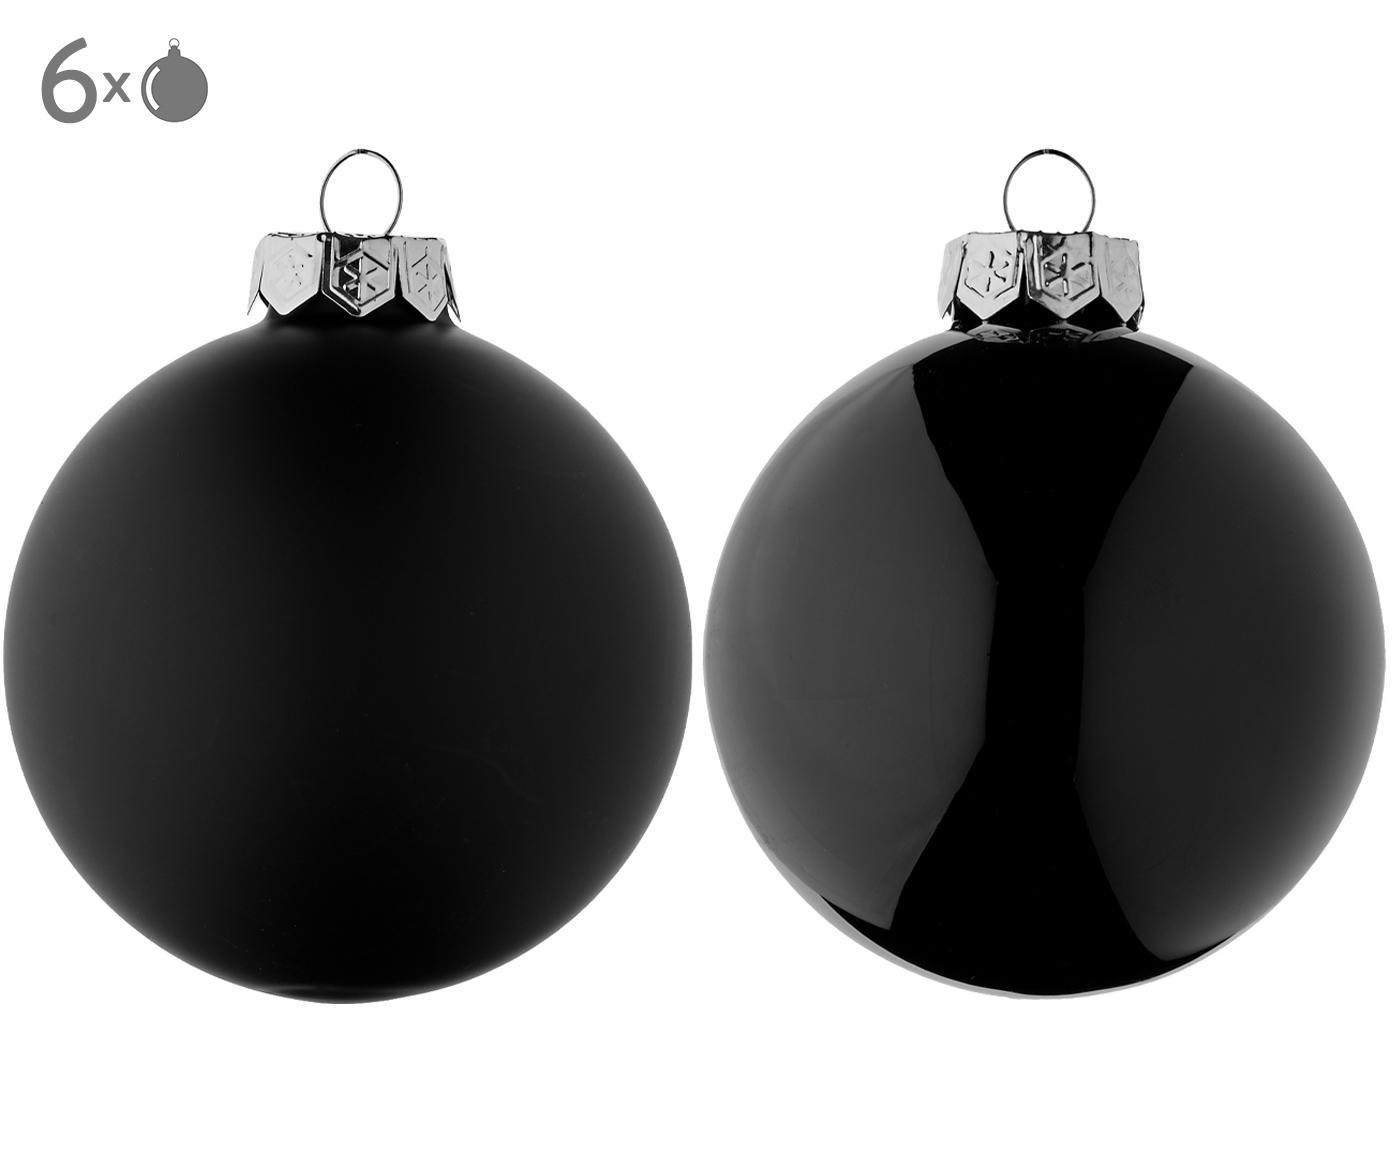 Kerstballenset Evergreen, 6-delig, Zwart, Ø 8 cm